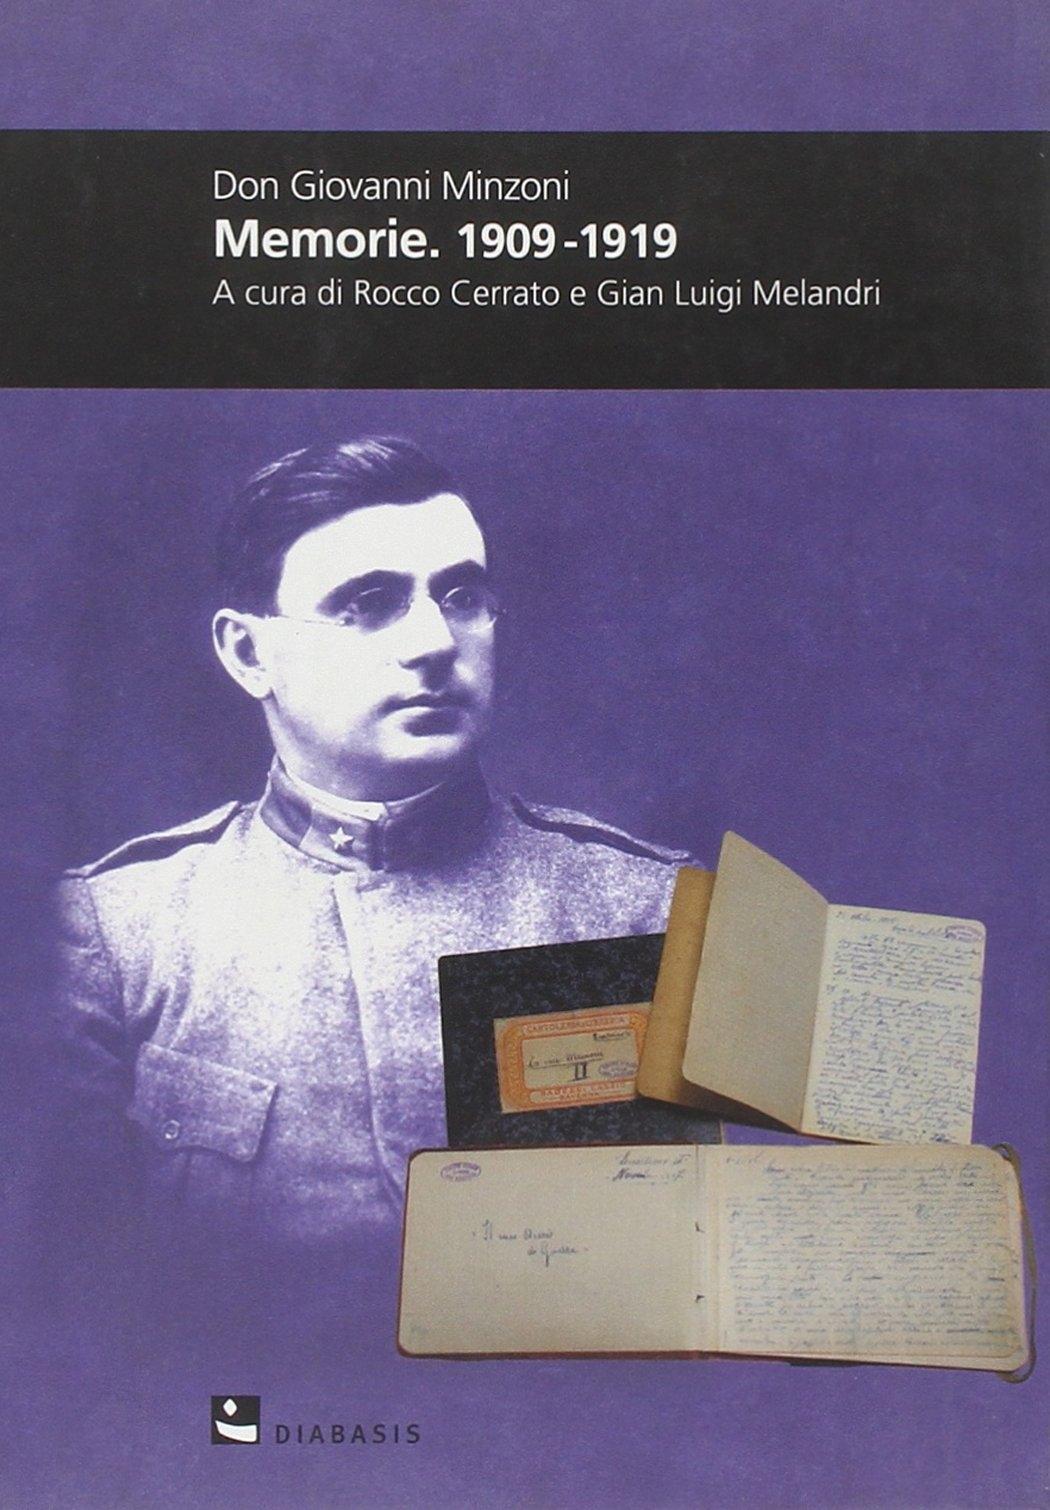 Don Giovanni Minzoni. Memorie. 1909-1919